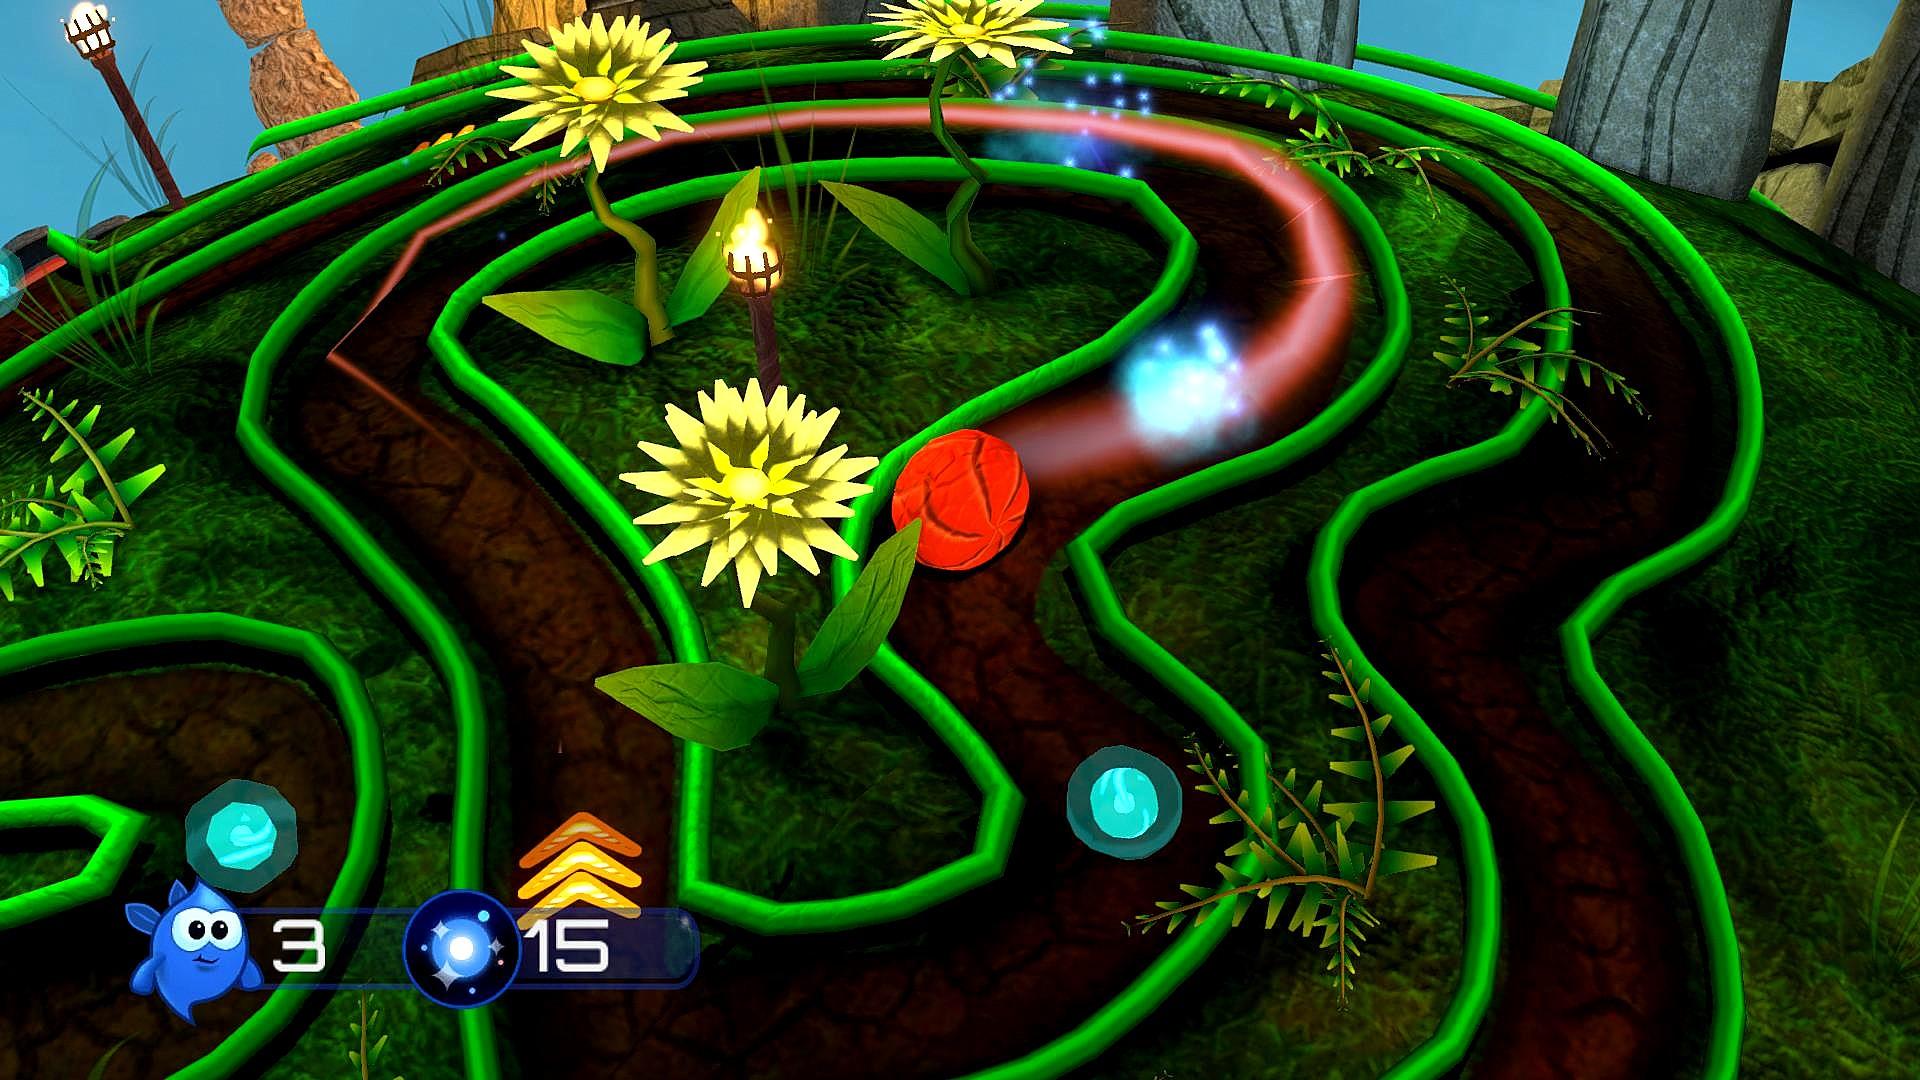 Vidéo : Extrait de Gameplay d'Armillo sur Wii U